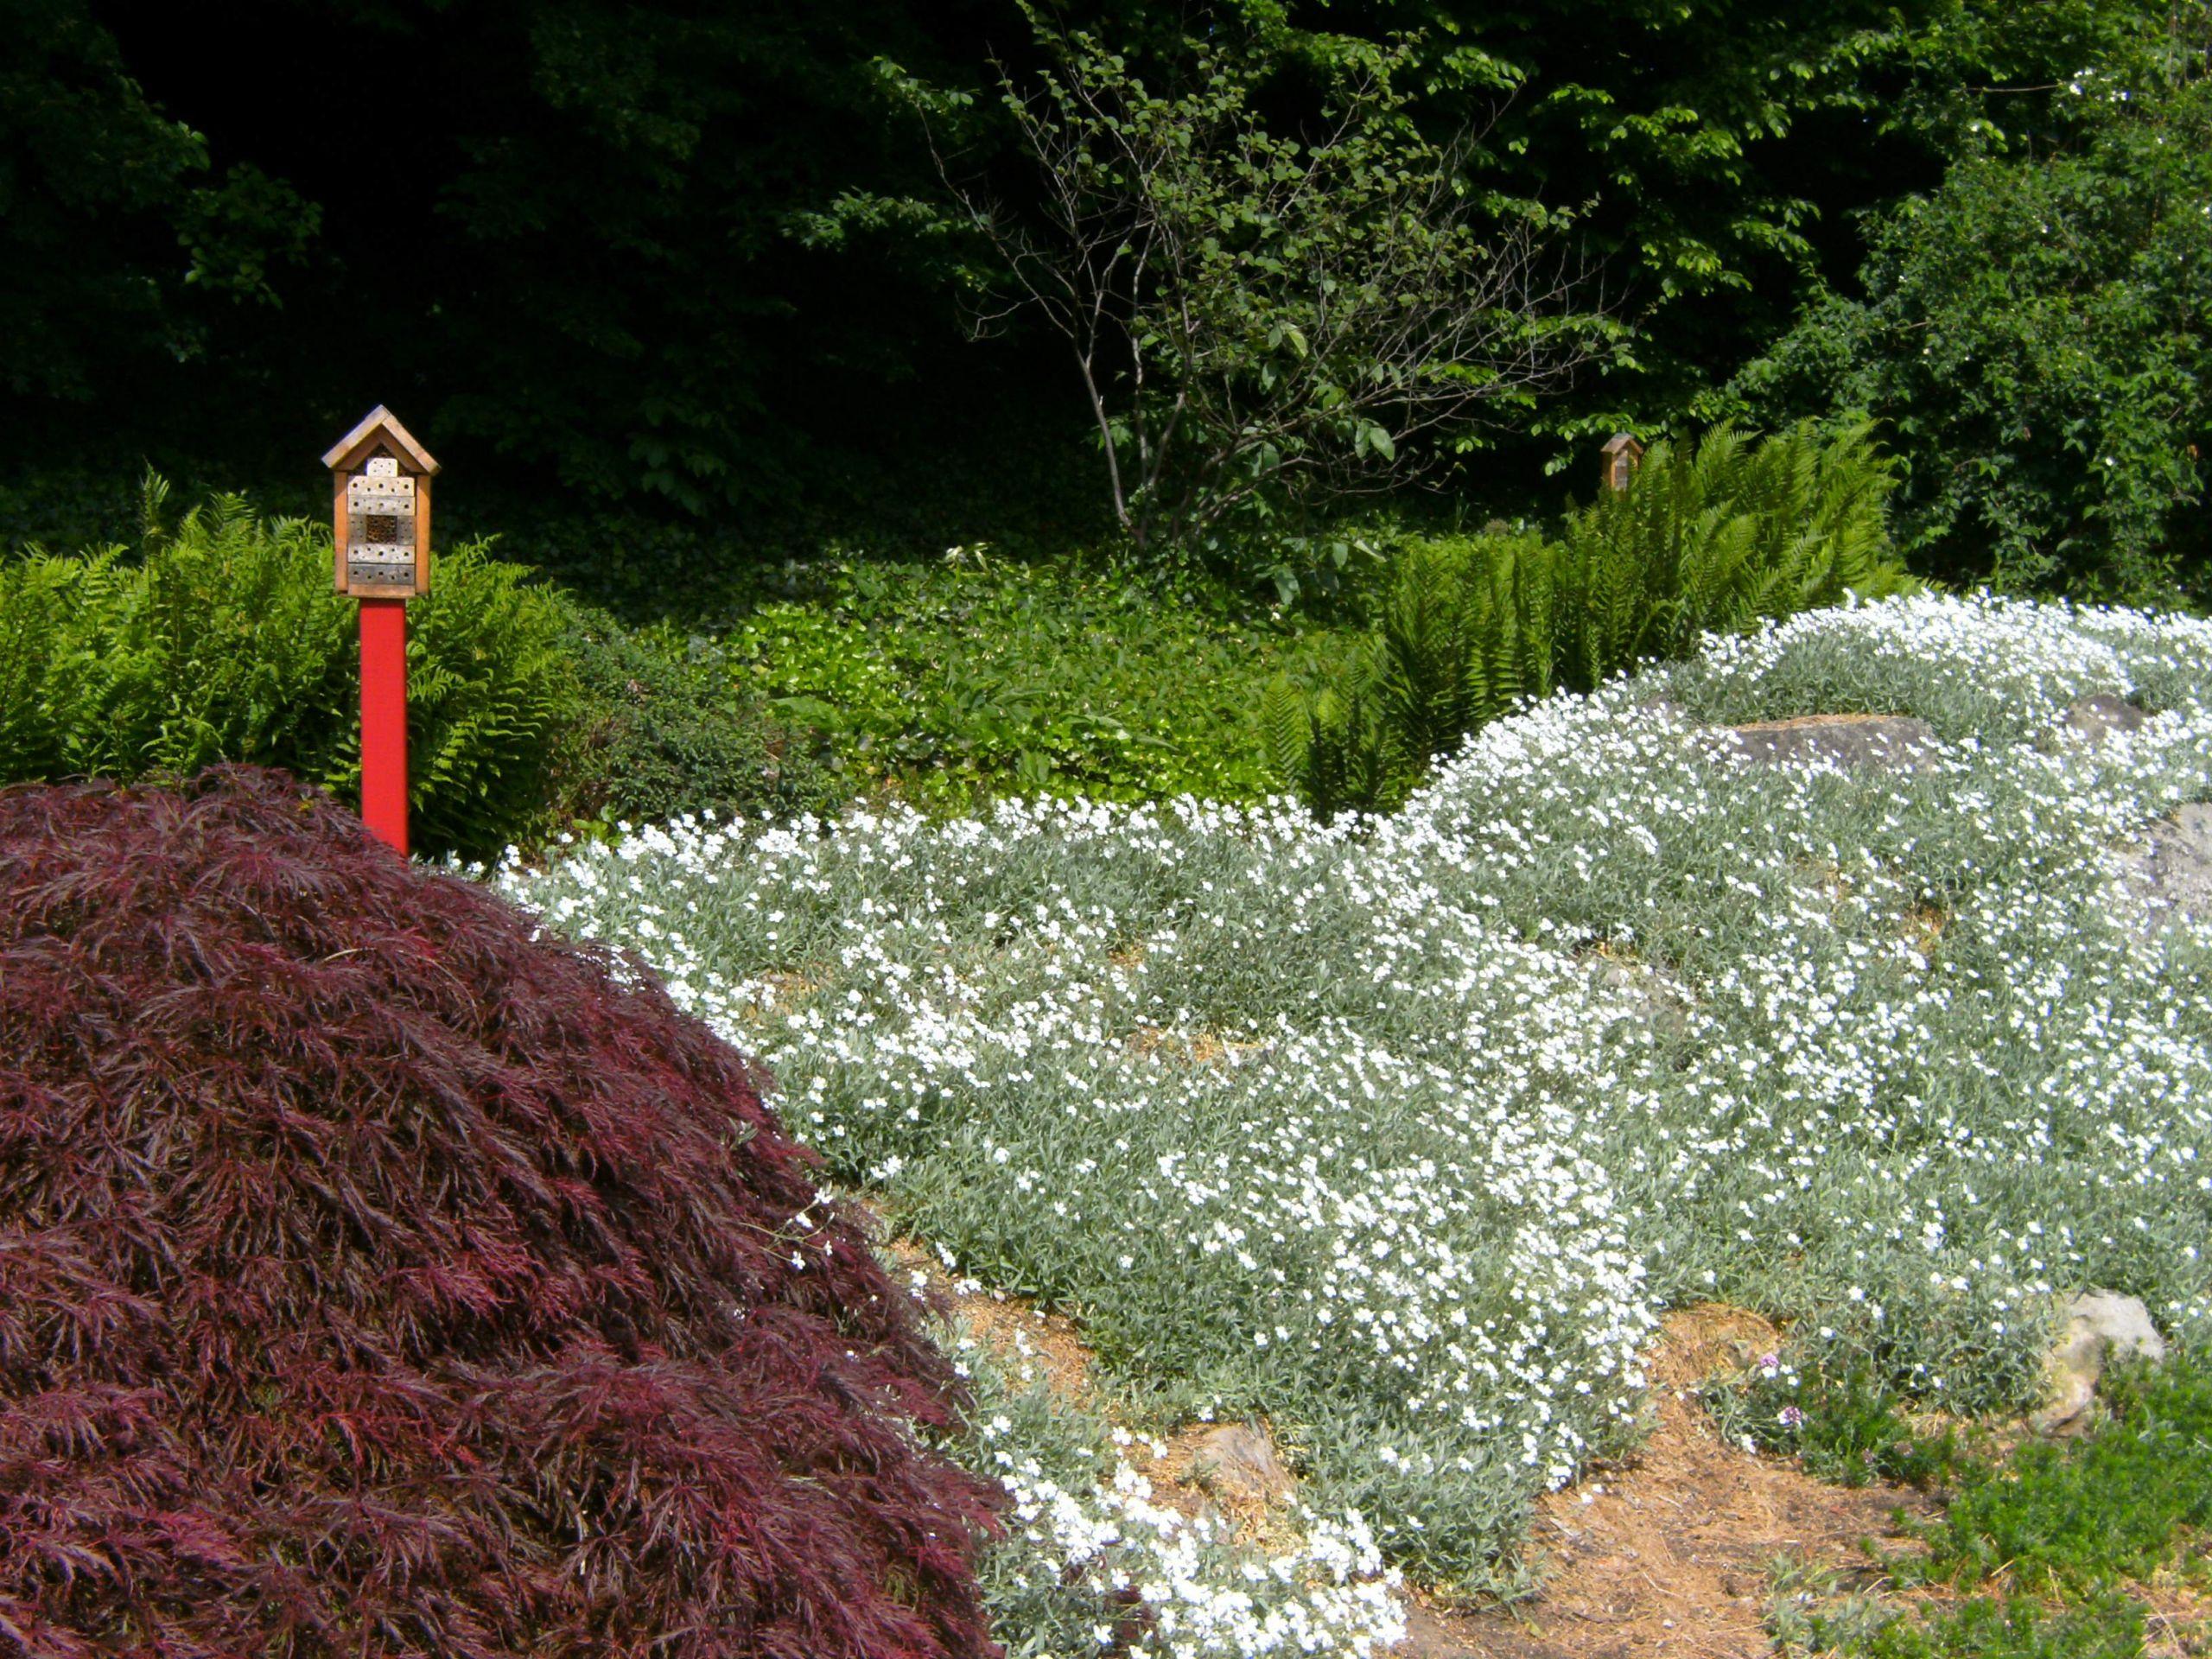 Hamburg botanischer sondergarten wandsbek pfad blumen insektenhaus JPG